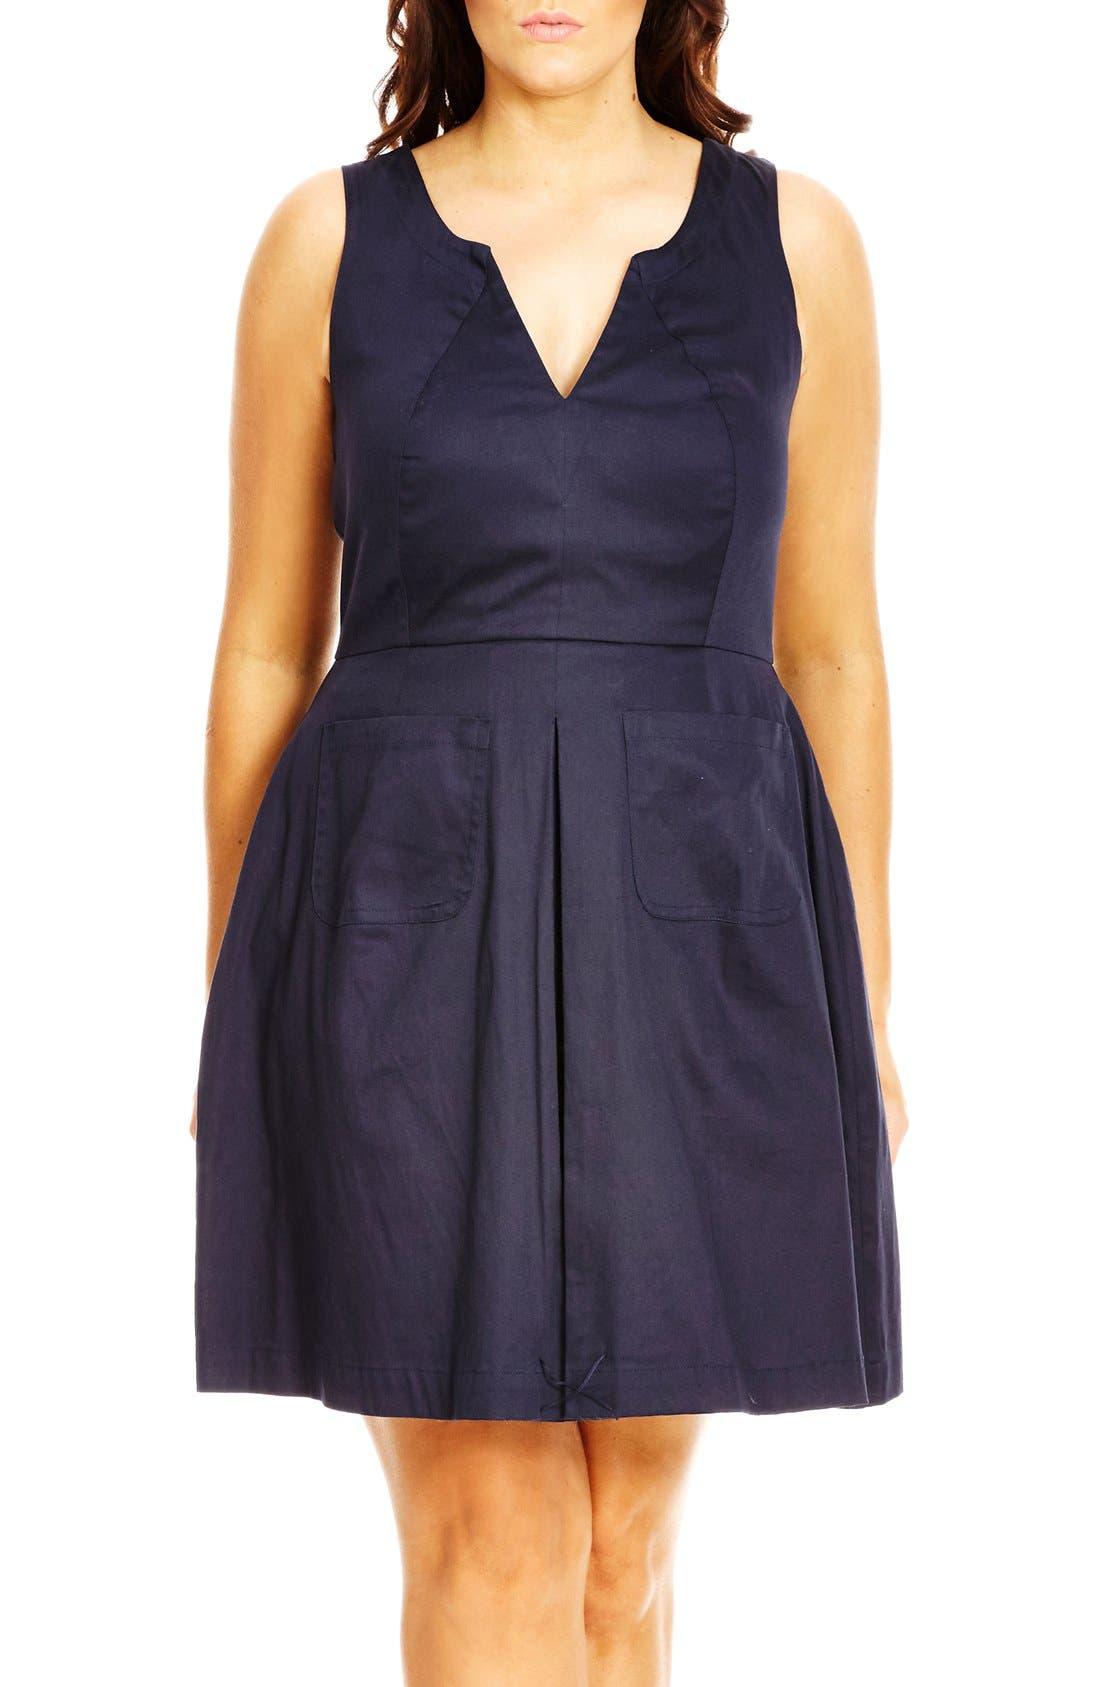 City Chic 'Mod Madness' Notch Neck Fit & Flare Dress (Plus Size)